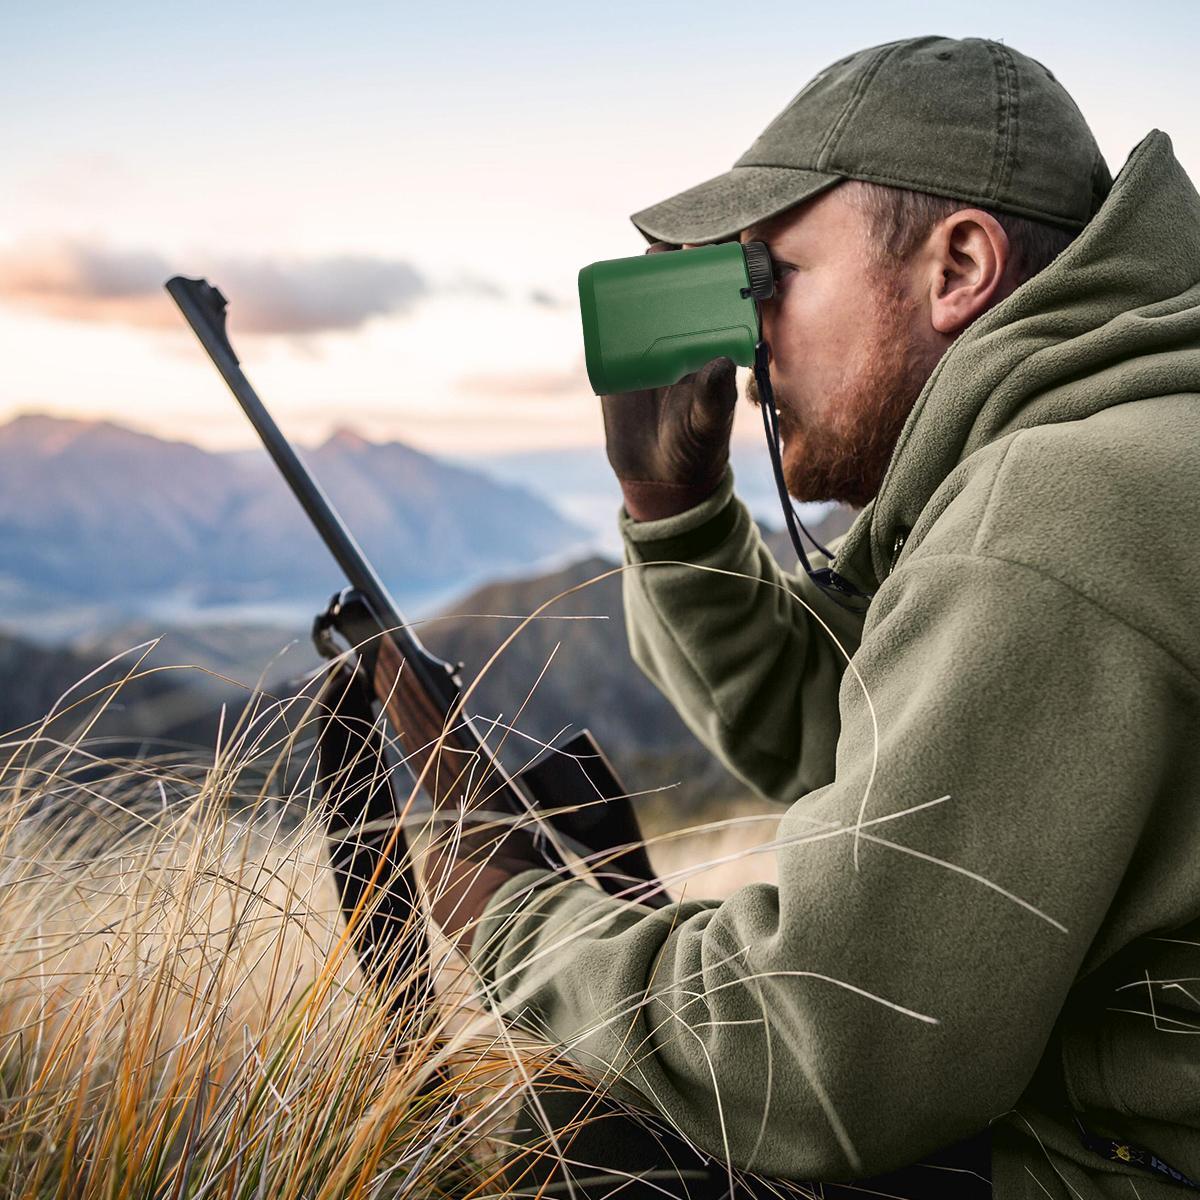 Laser Rangefinder, AJVEDUK Hunting Rangefinder 650 Yards Range Finder, Distance Finder for Golf 6X Digital Rangefinders with Slope Mode & Sp